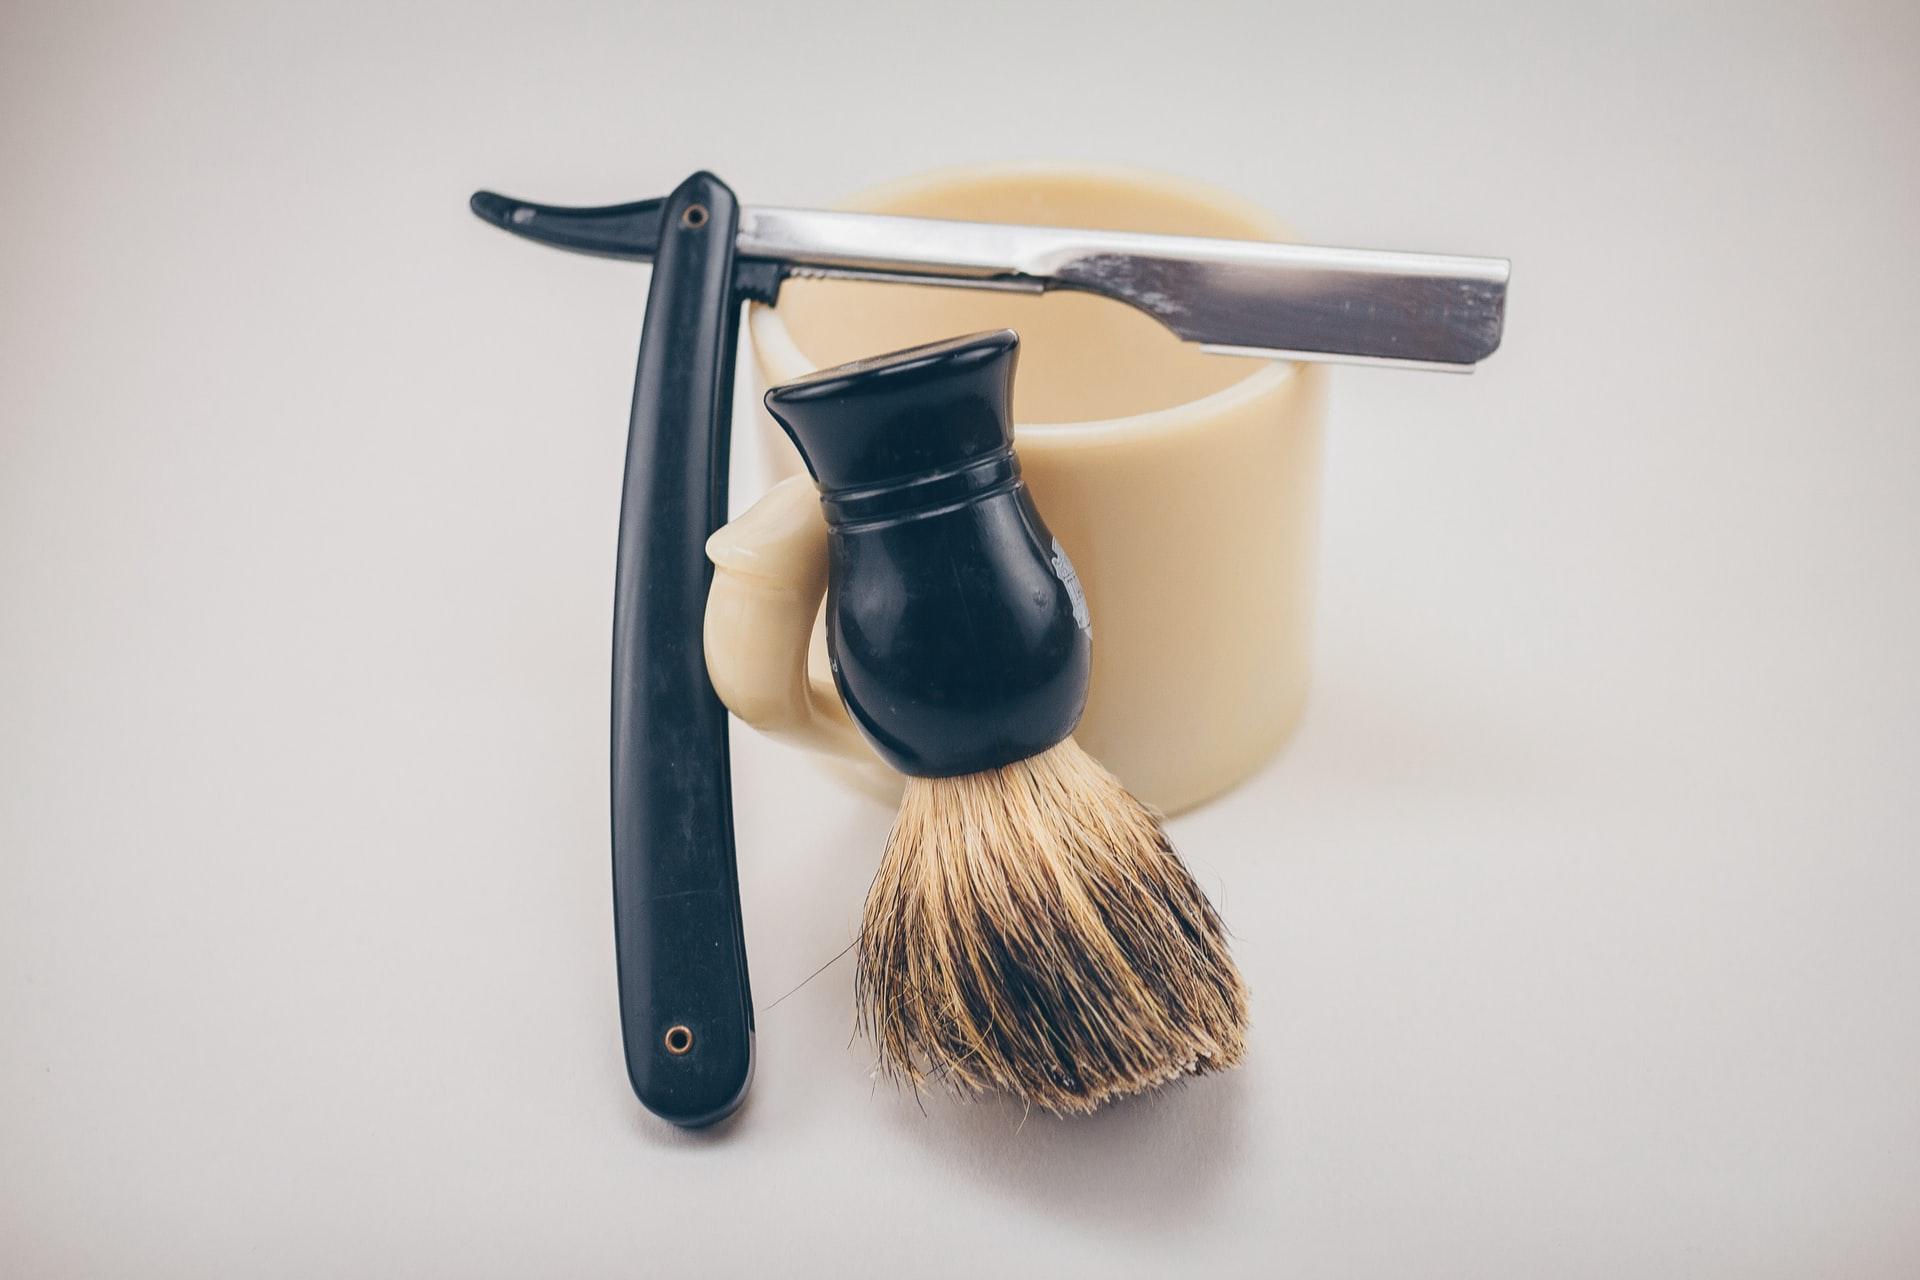 břitva a štětka na holení